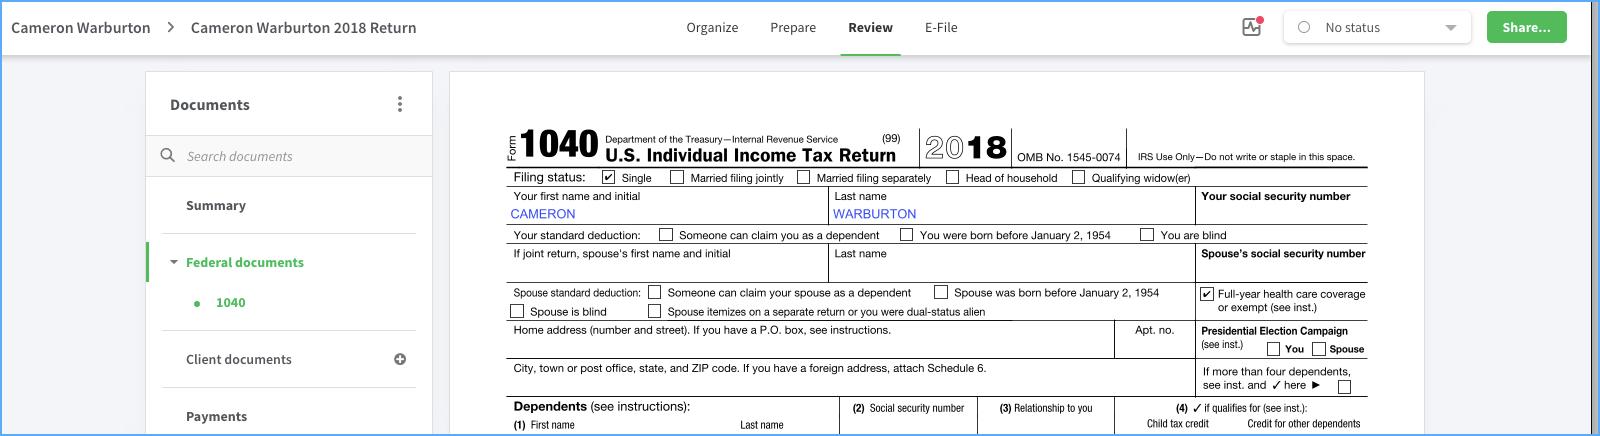 Preparing a Tax Return in Canopy.